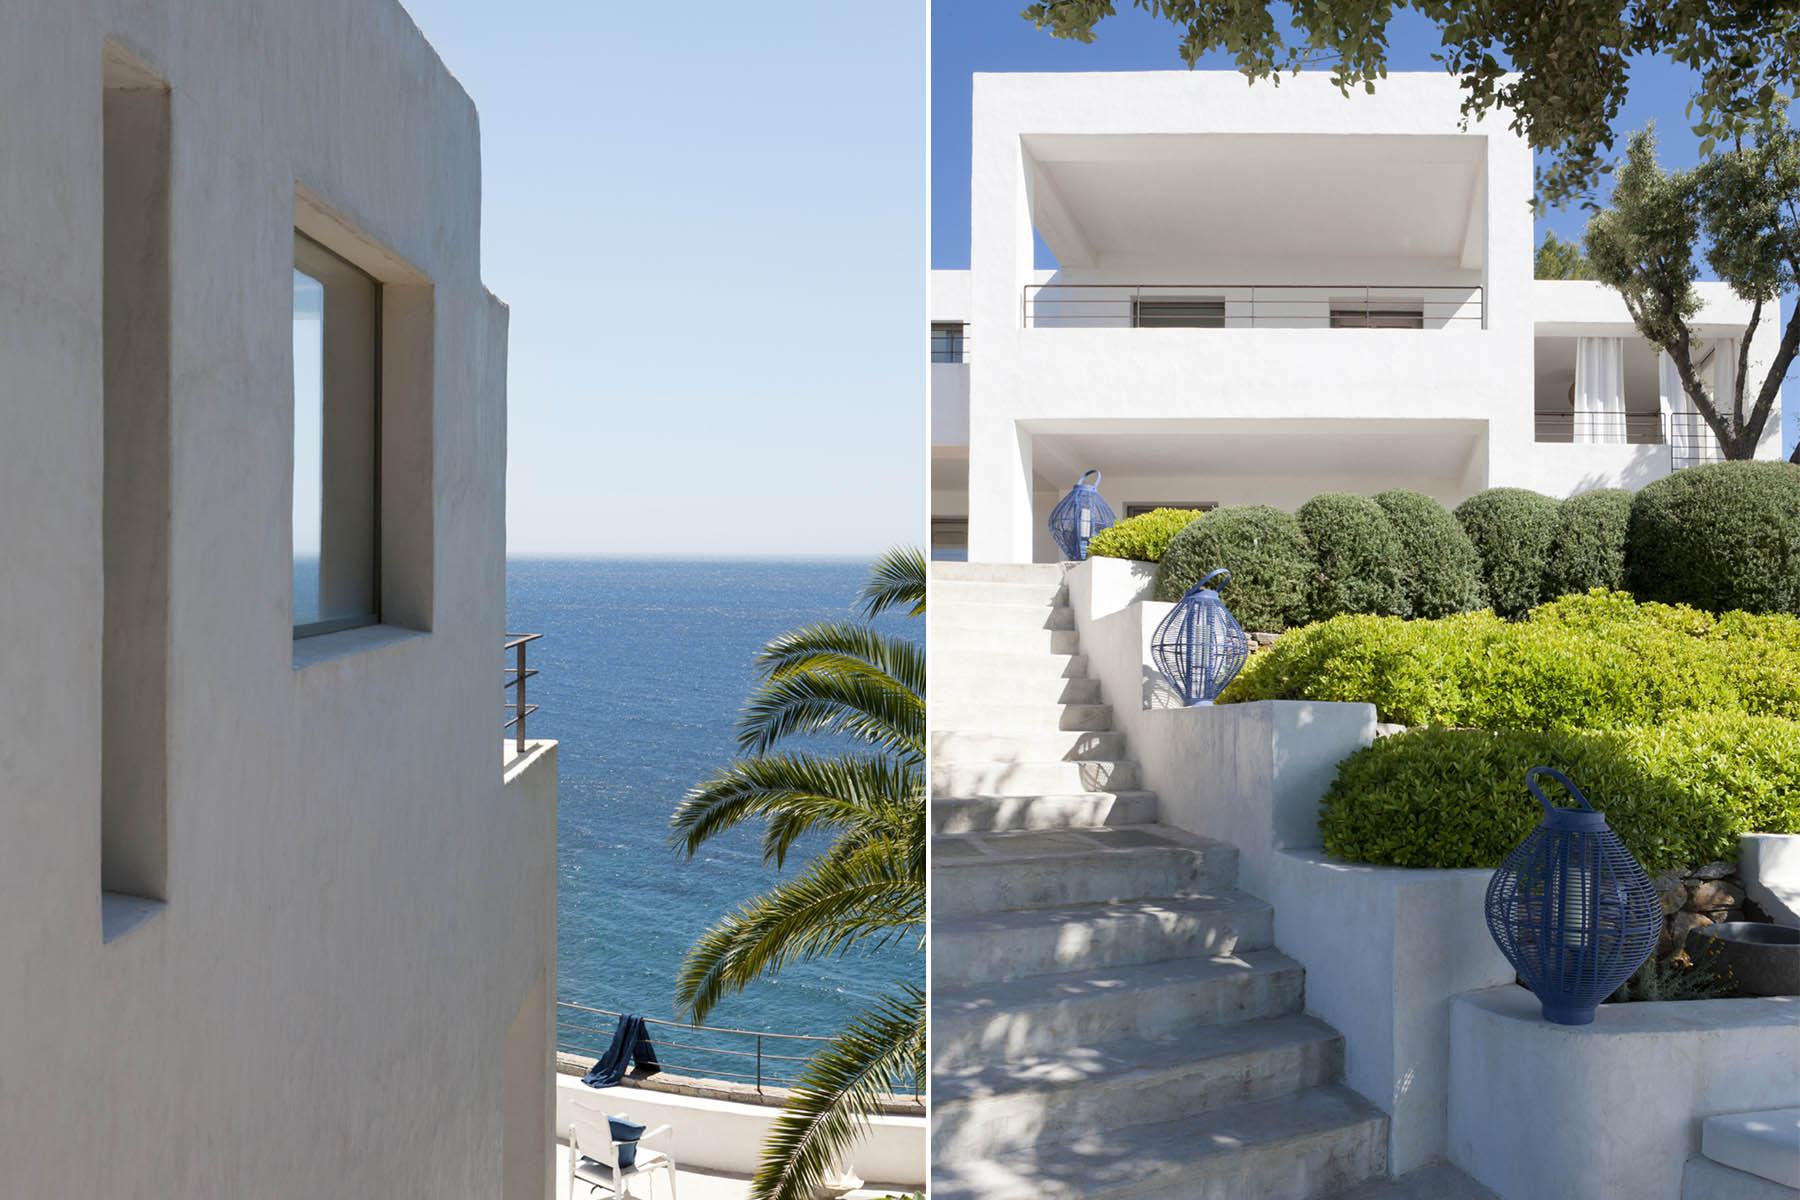 HR1_Florence_Watine_Architecte_Designer_Decoratrice_Paris_France_Architecture_Villa_Maison_Luxe_Plein_Sud_Cote_Azur